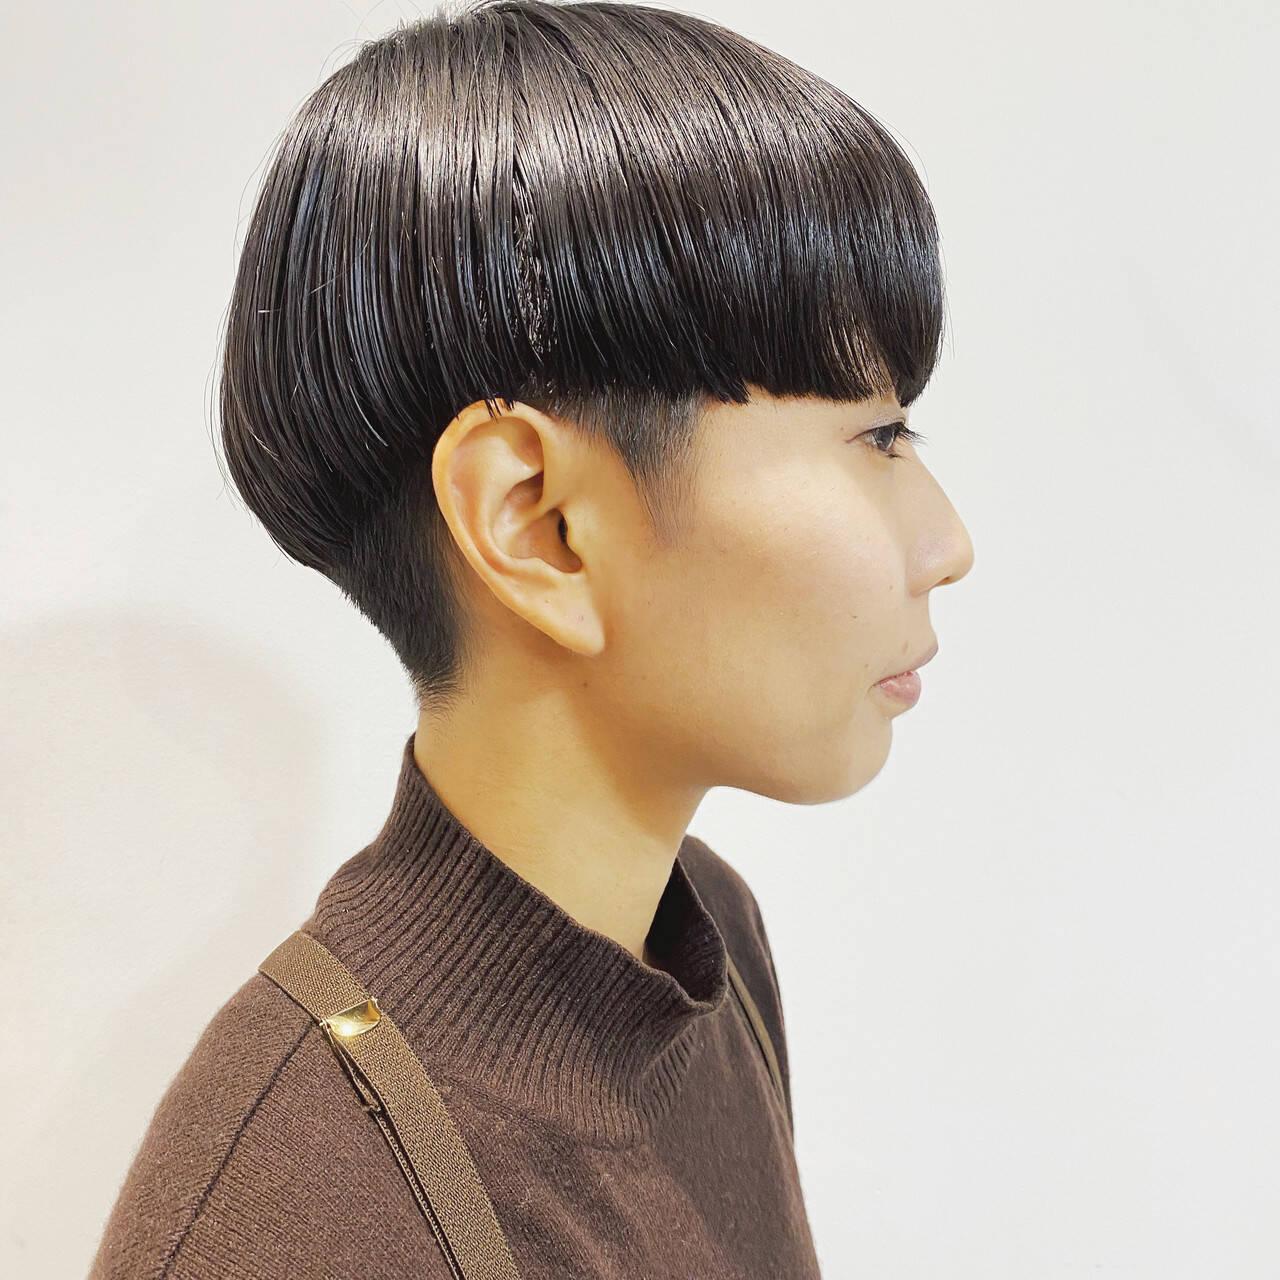 モード ショート 大人ショート ショートヘアヘアスタイルや髪型の写真・画像